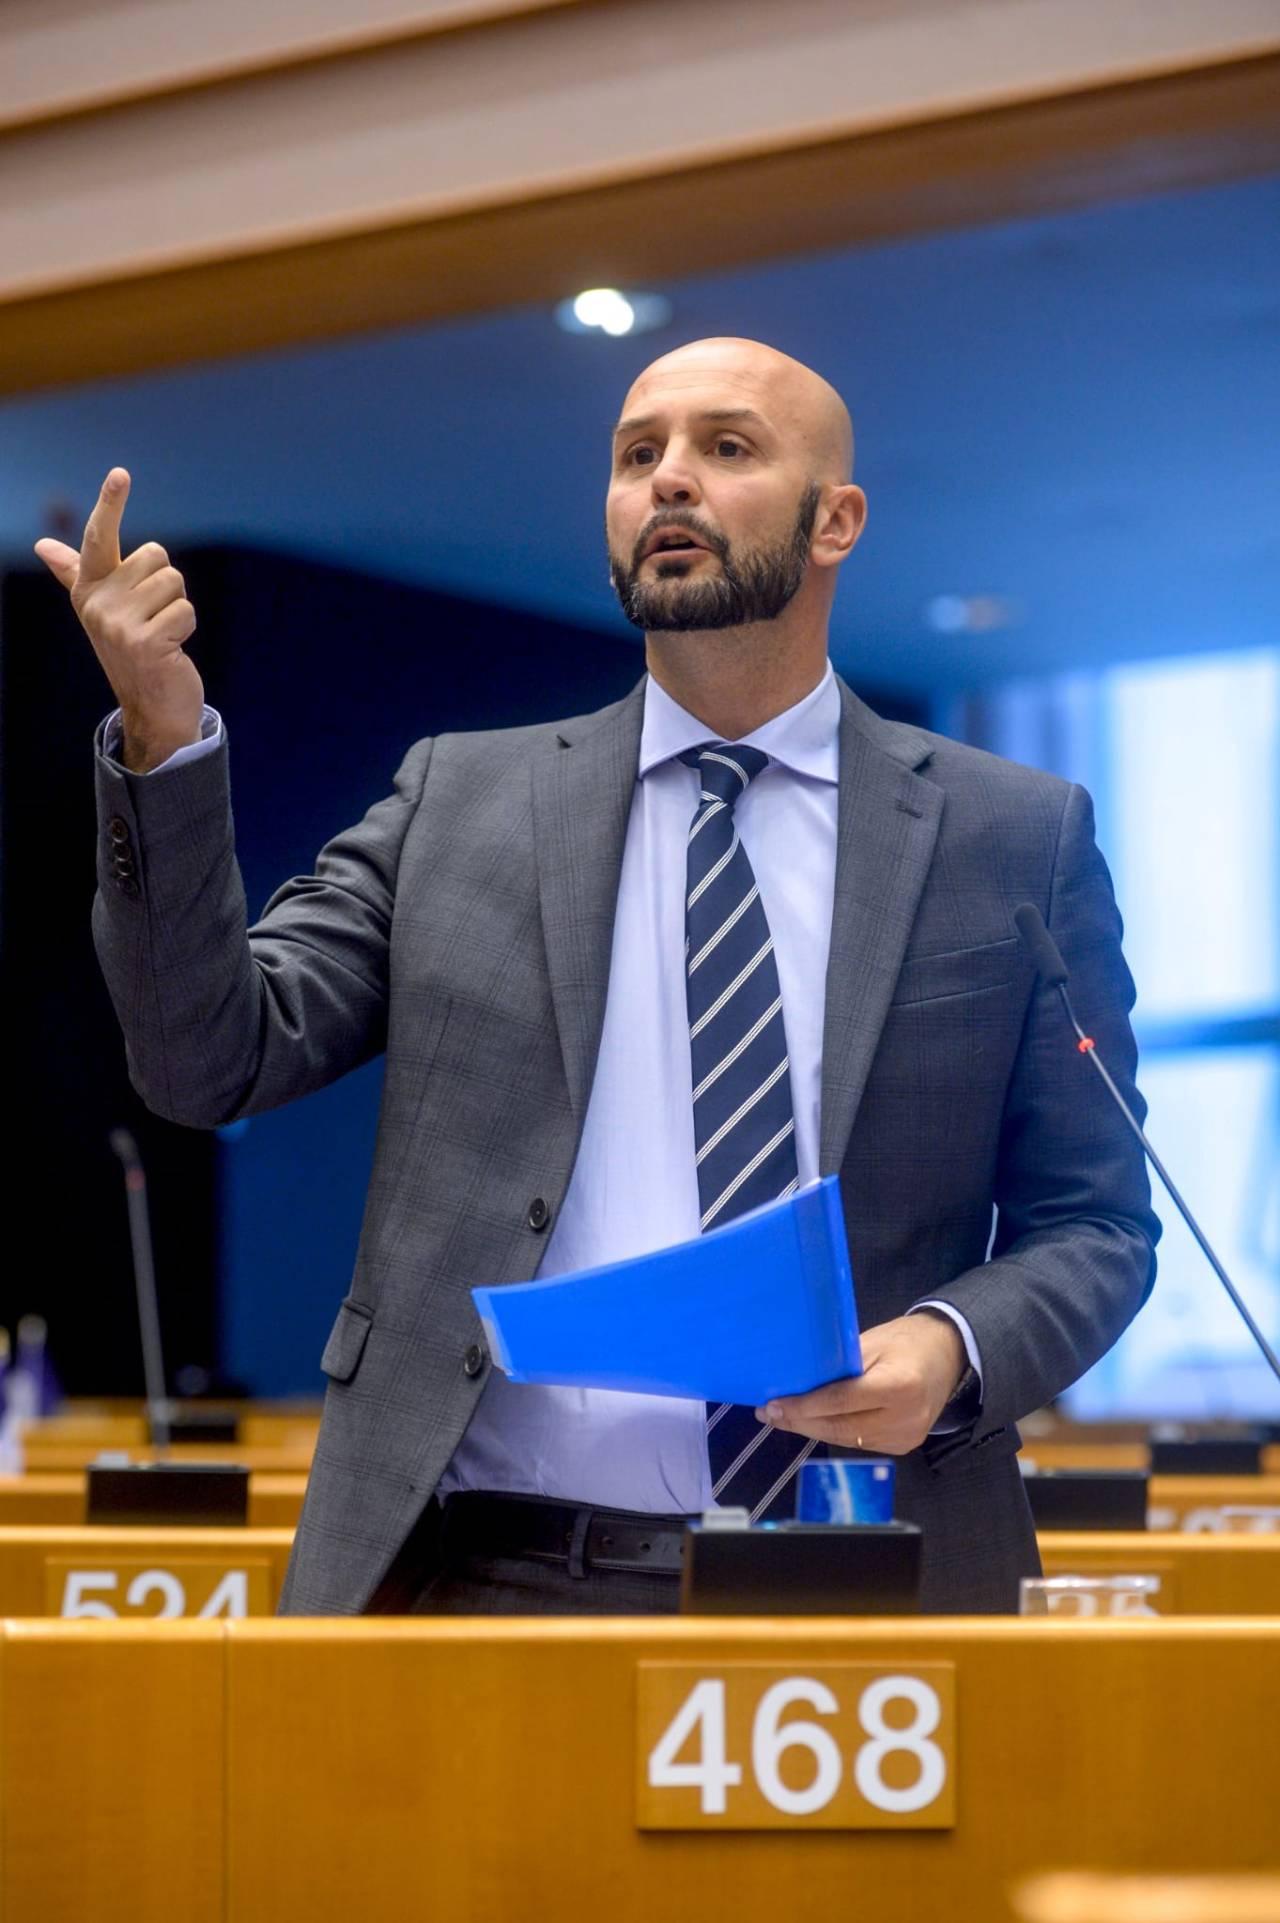 """CORONAVIRUS, PROCACCINI (FDI): """"PIANO STRAORDINARIO PER SOSTEGNO ALLE AZIENDE ITALIANE. L'EUROPA BATTA UN COLPO SENZAIPOCRISIE"""""""